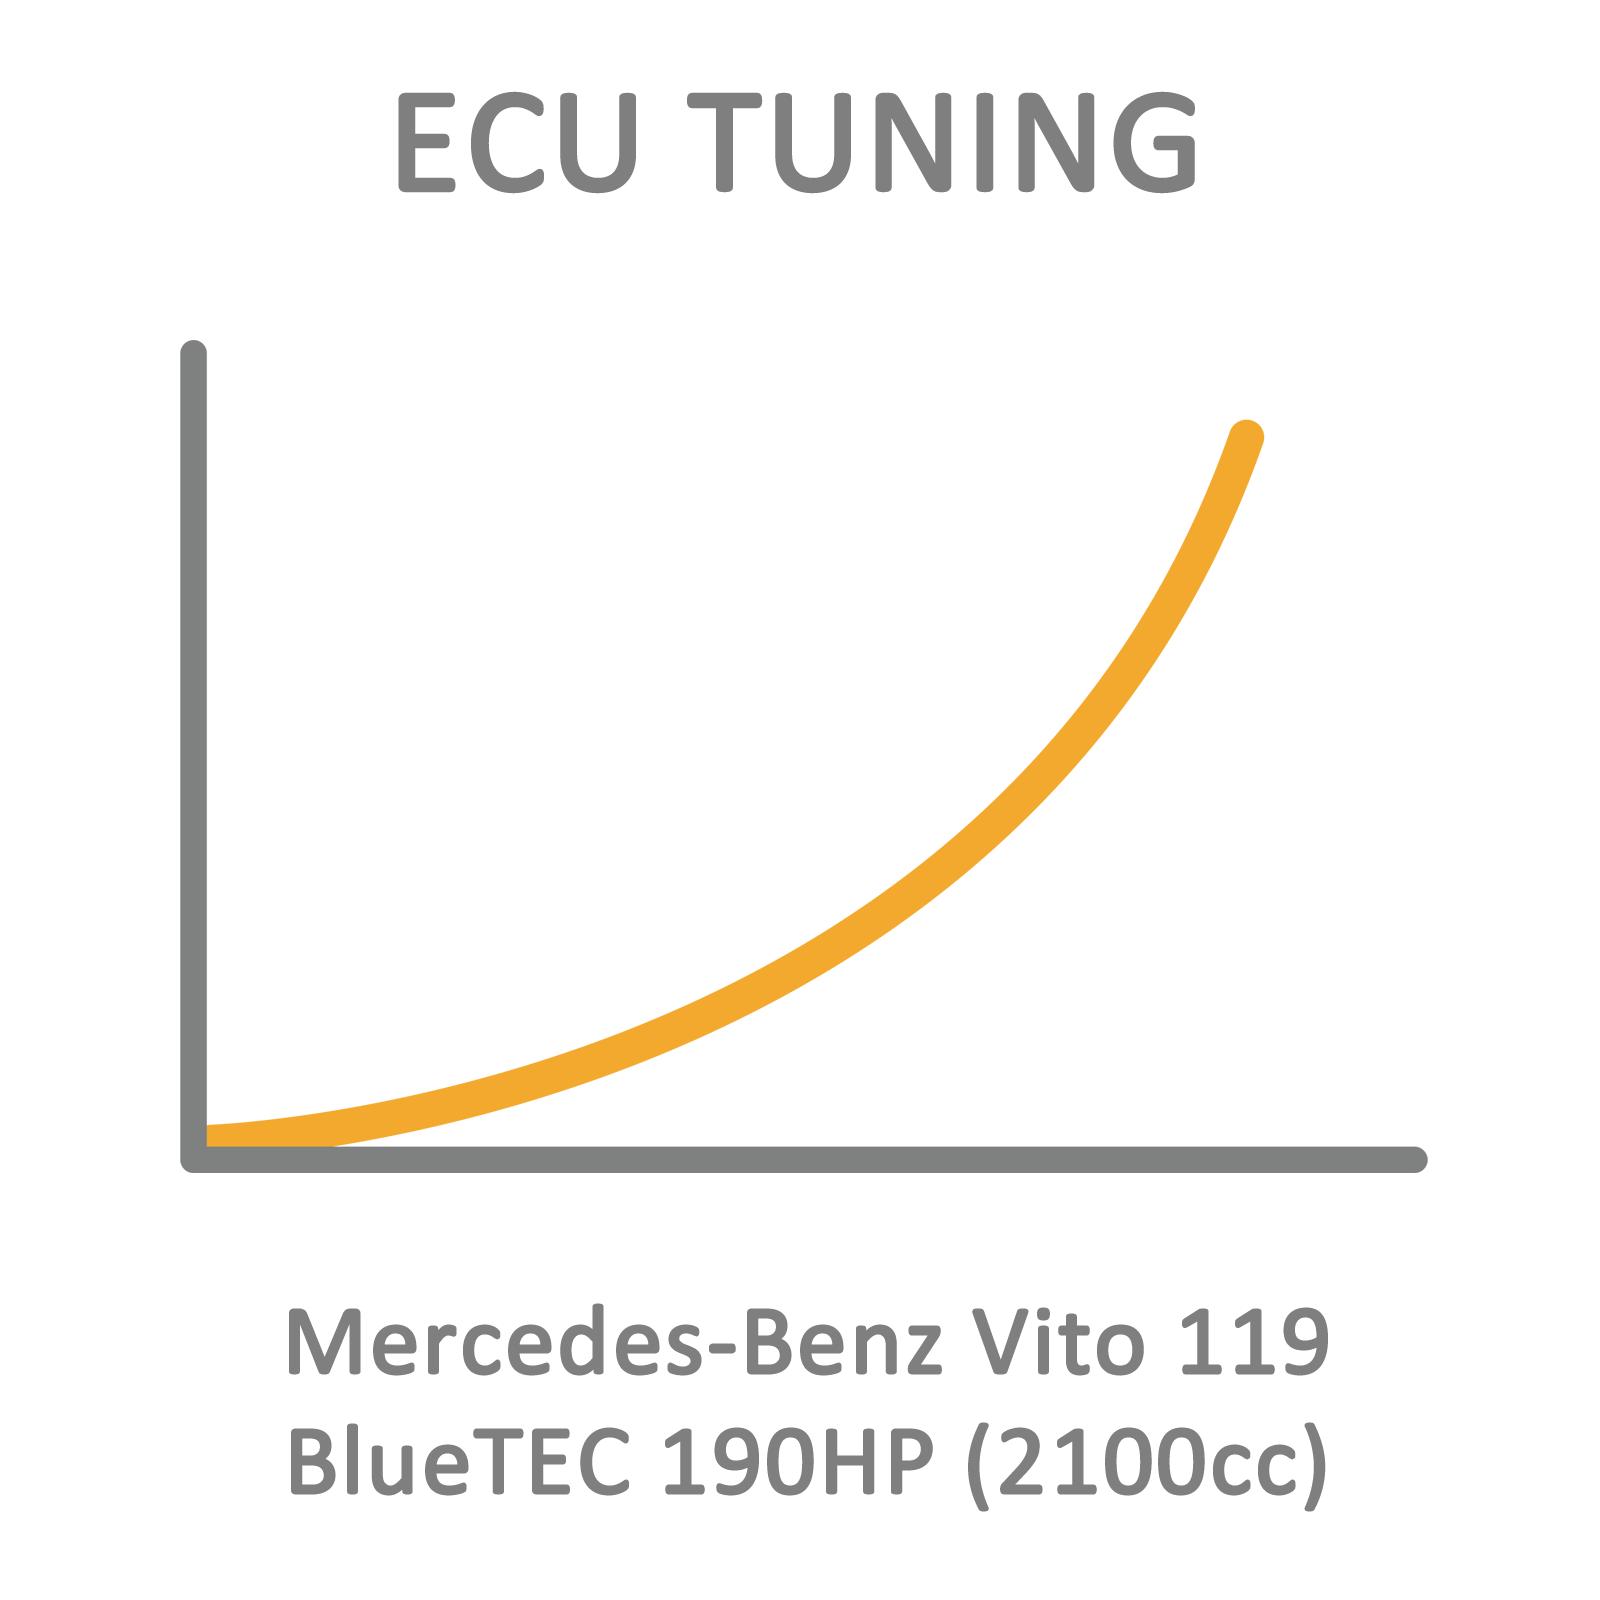 Mercedes-Benz Vito 119 BlueTEC 190HP (2100cc) ECU Tuning